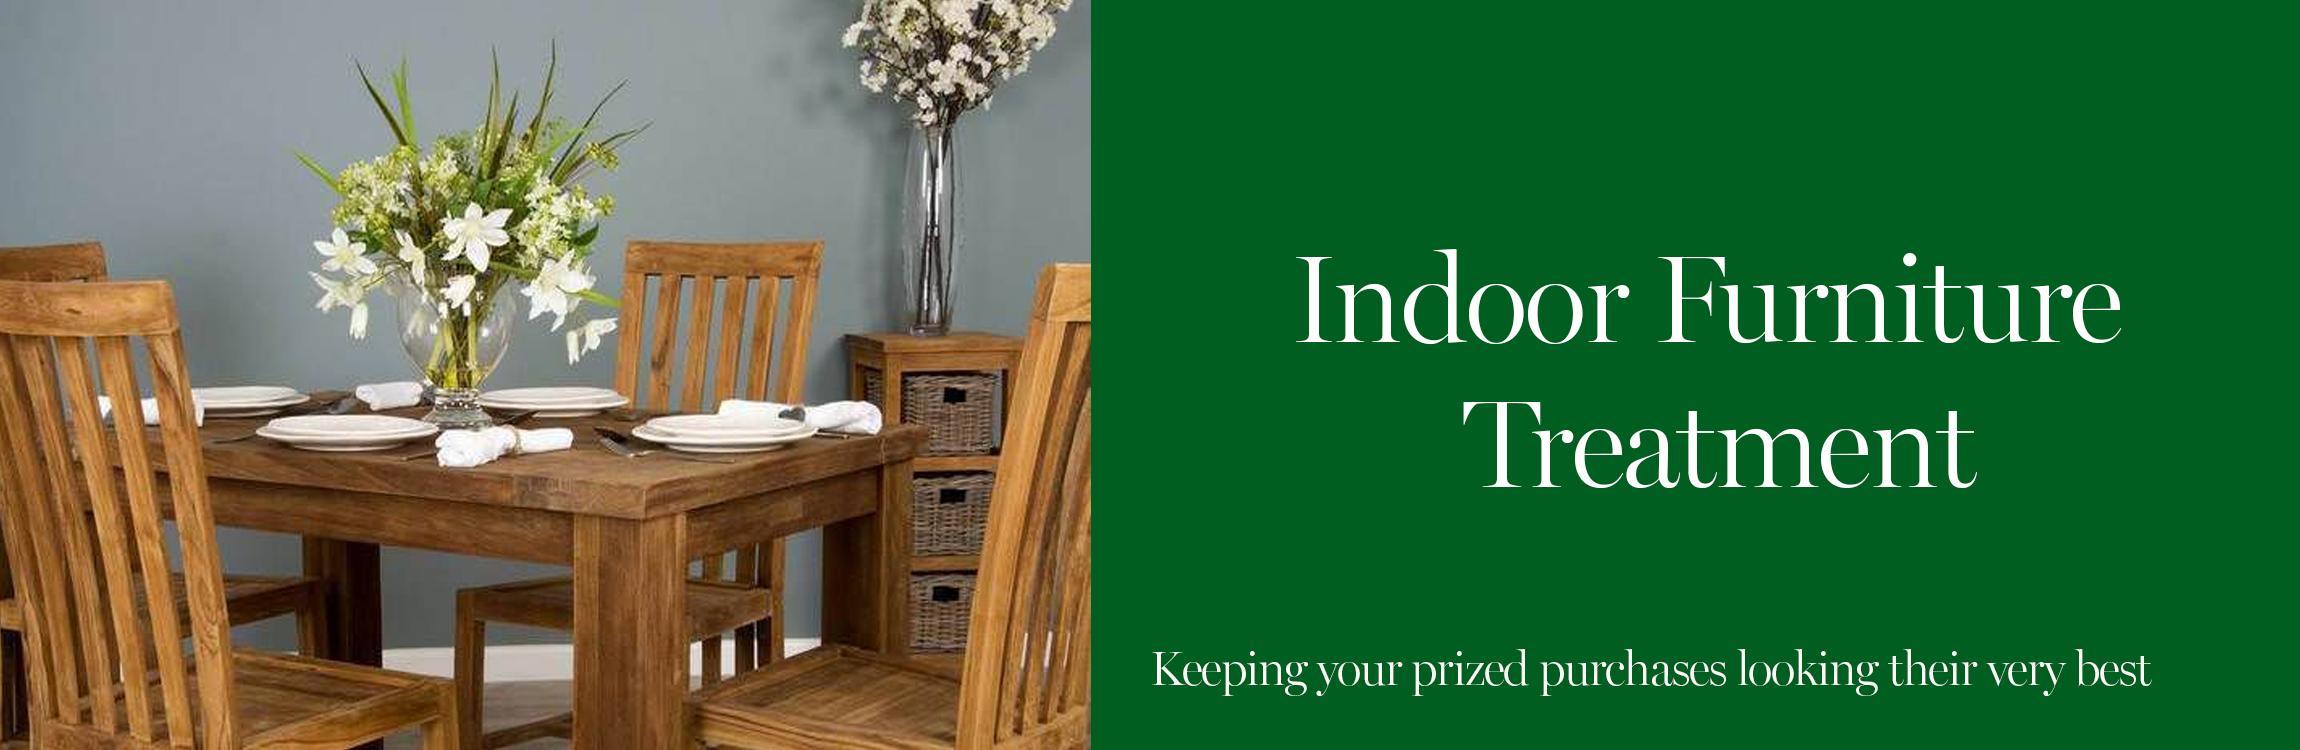 Indoor Furniture Treatment